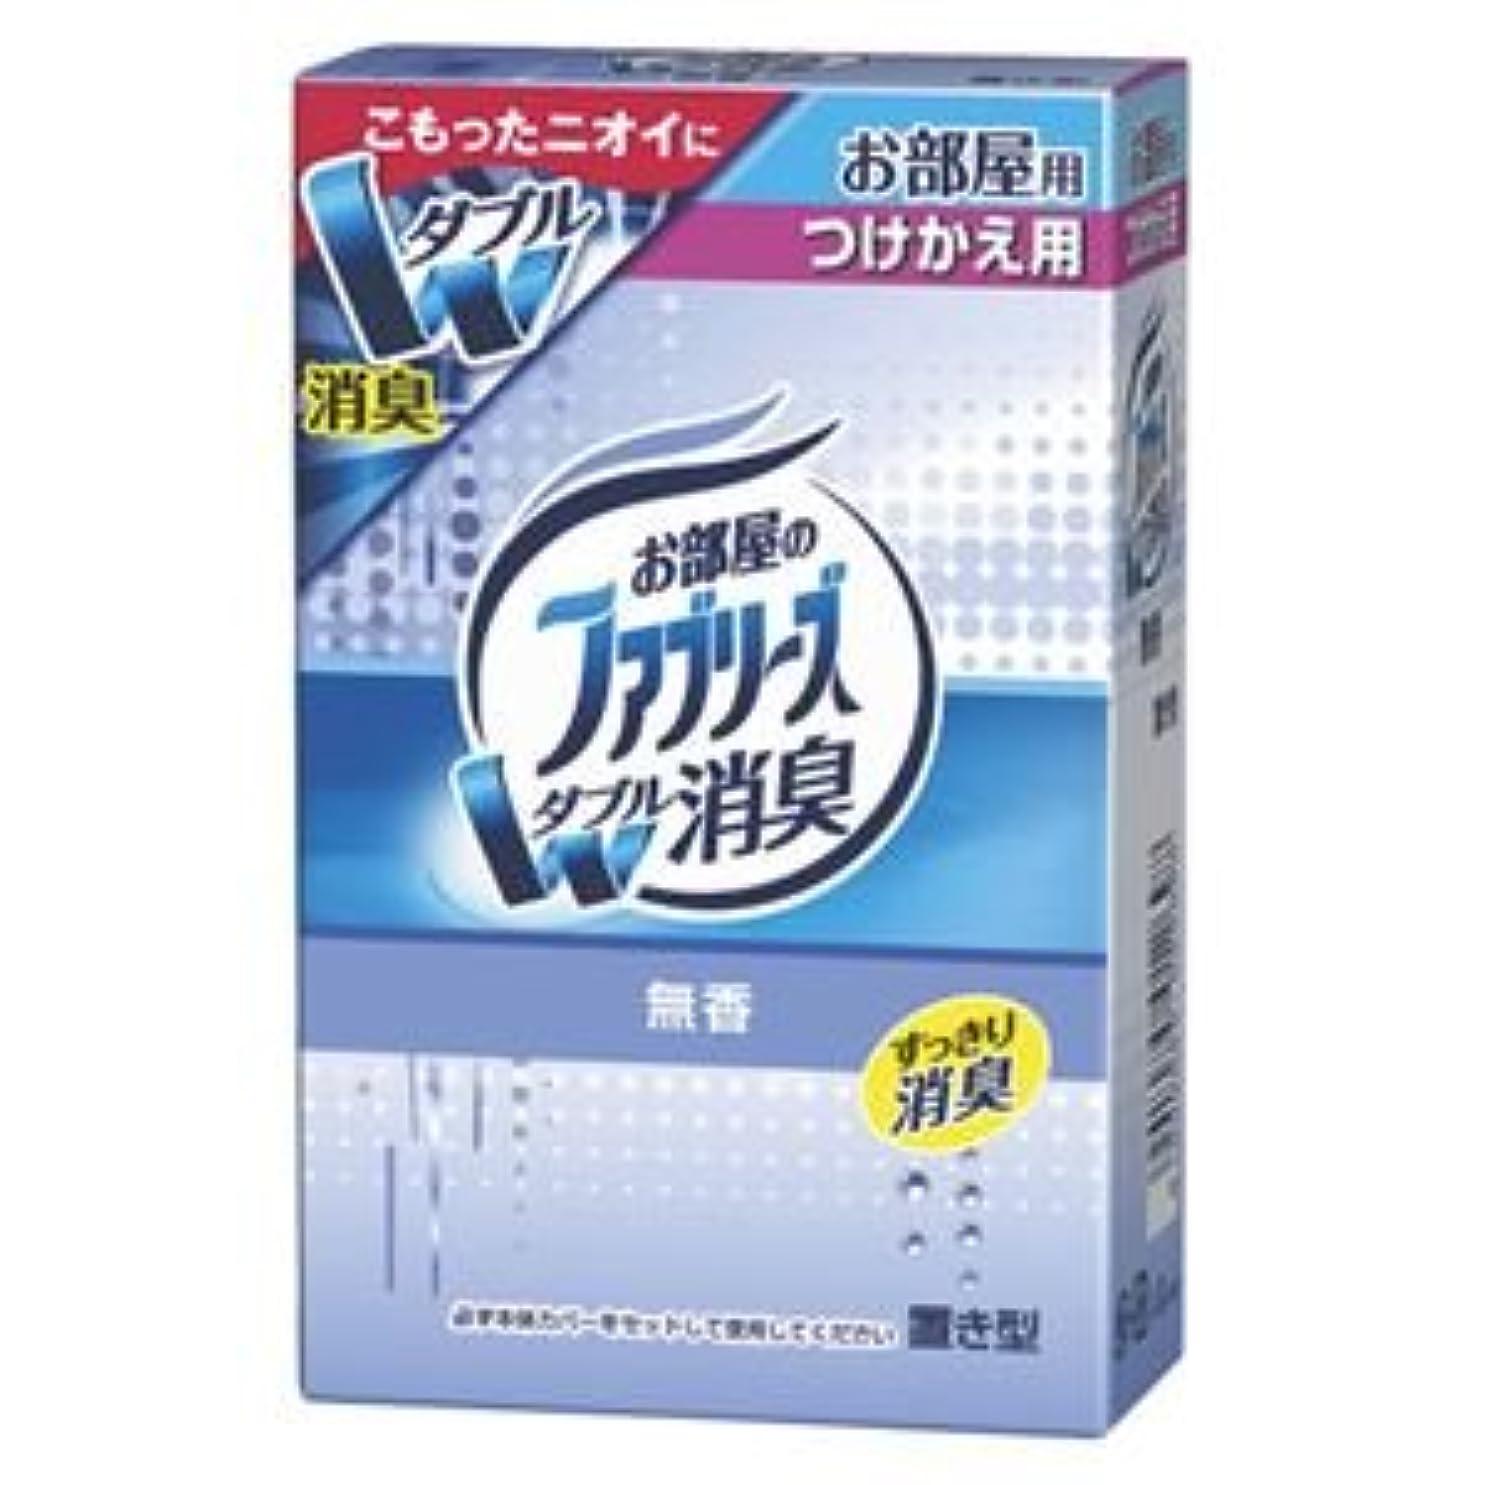 受粉するゲスト導出(業務用セット) P&G 置き型ファブリーズ 置き型ファブリーズ 無香 つけ替用 1個入 【×5セット】